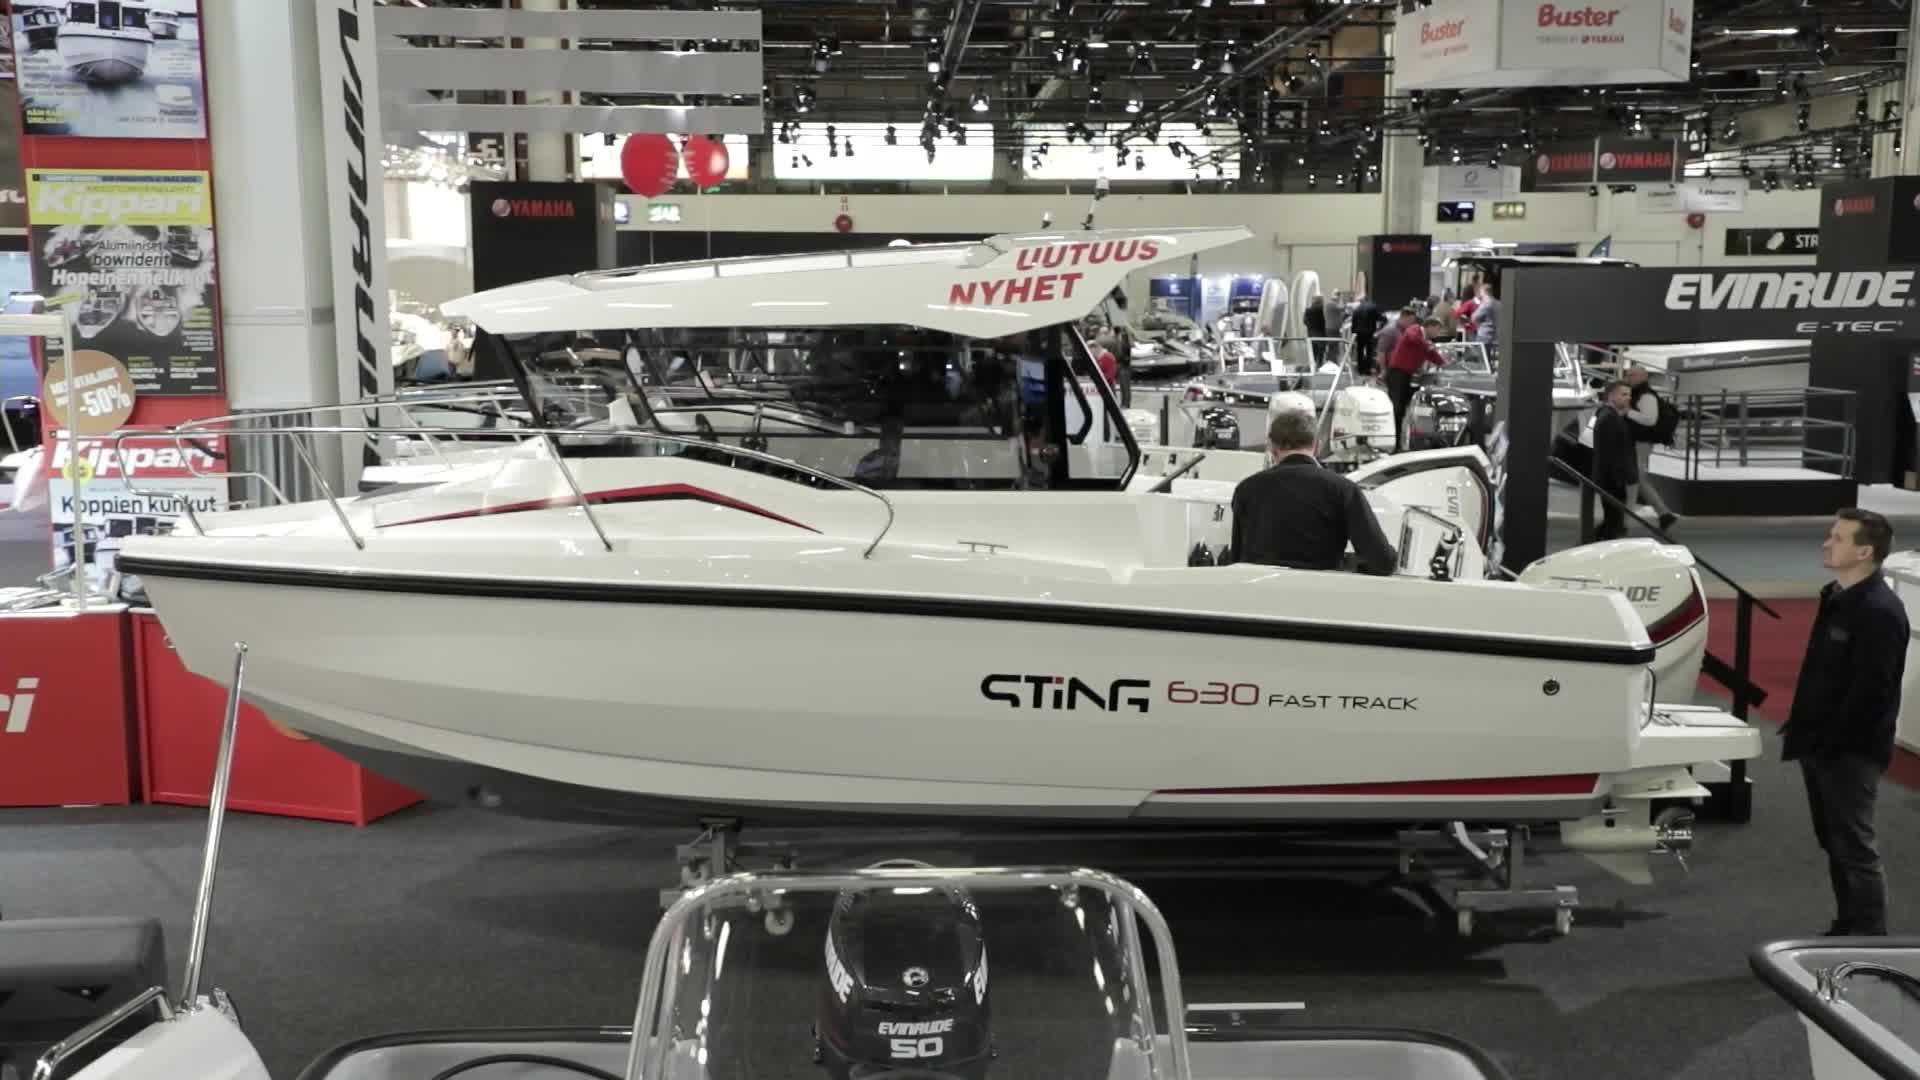 Vene 18 Båt: Messujen retki- ja yhteysmoottoriveneeksi valittiin Sting 630 Fast Track